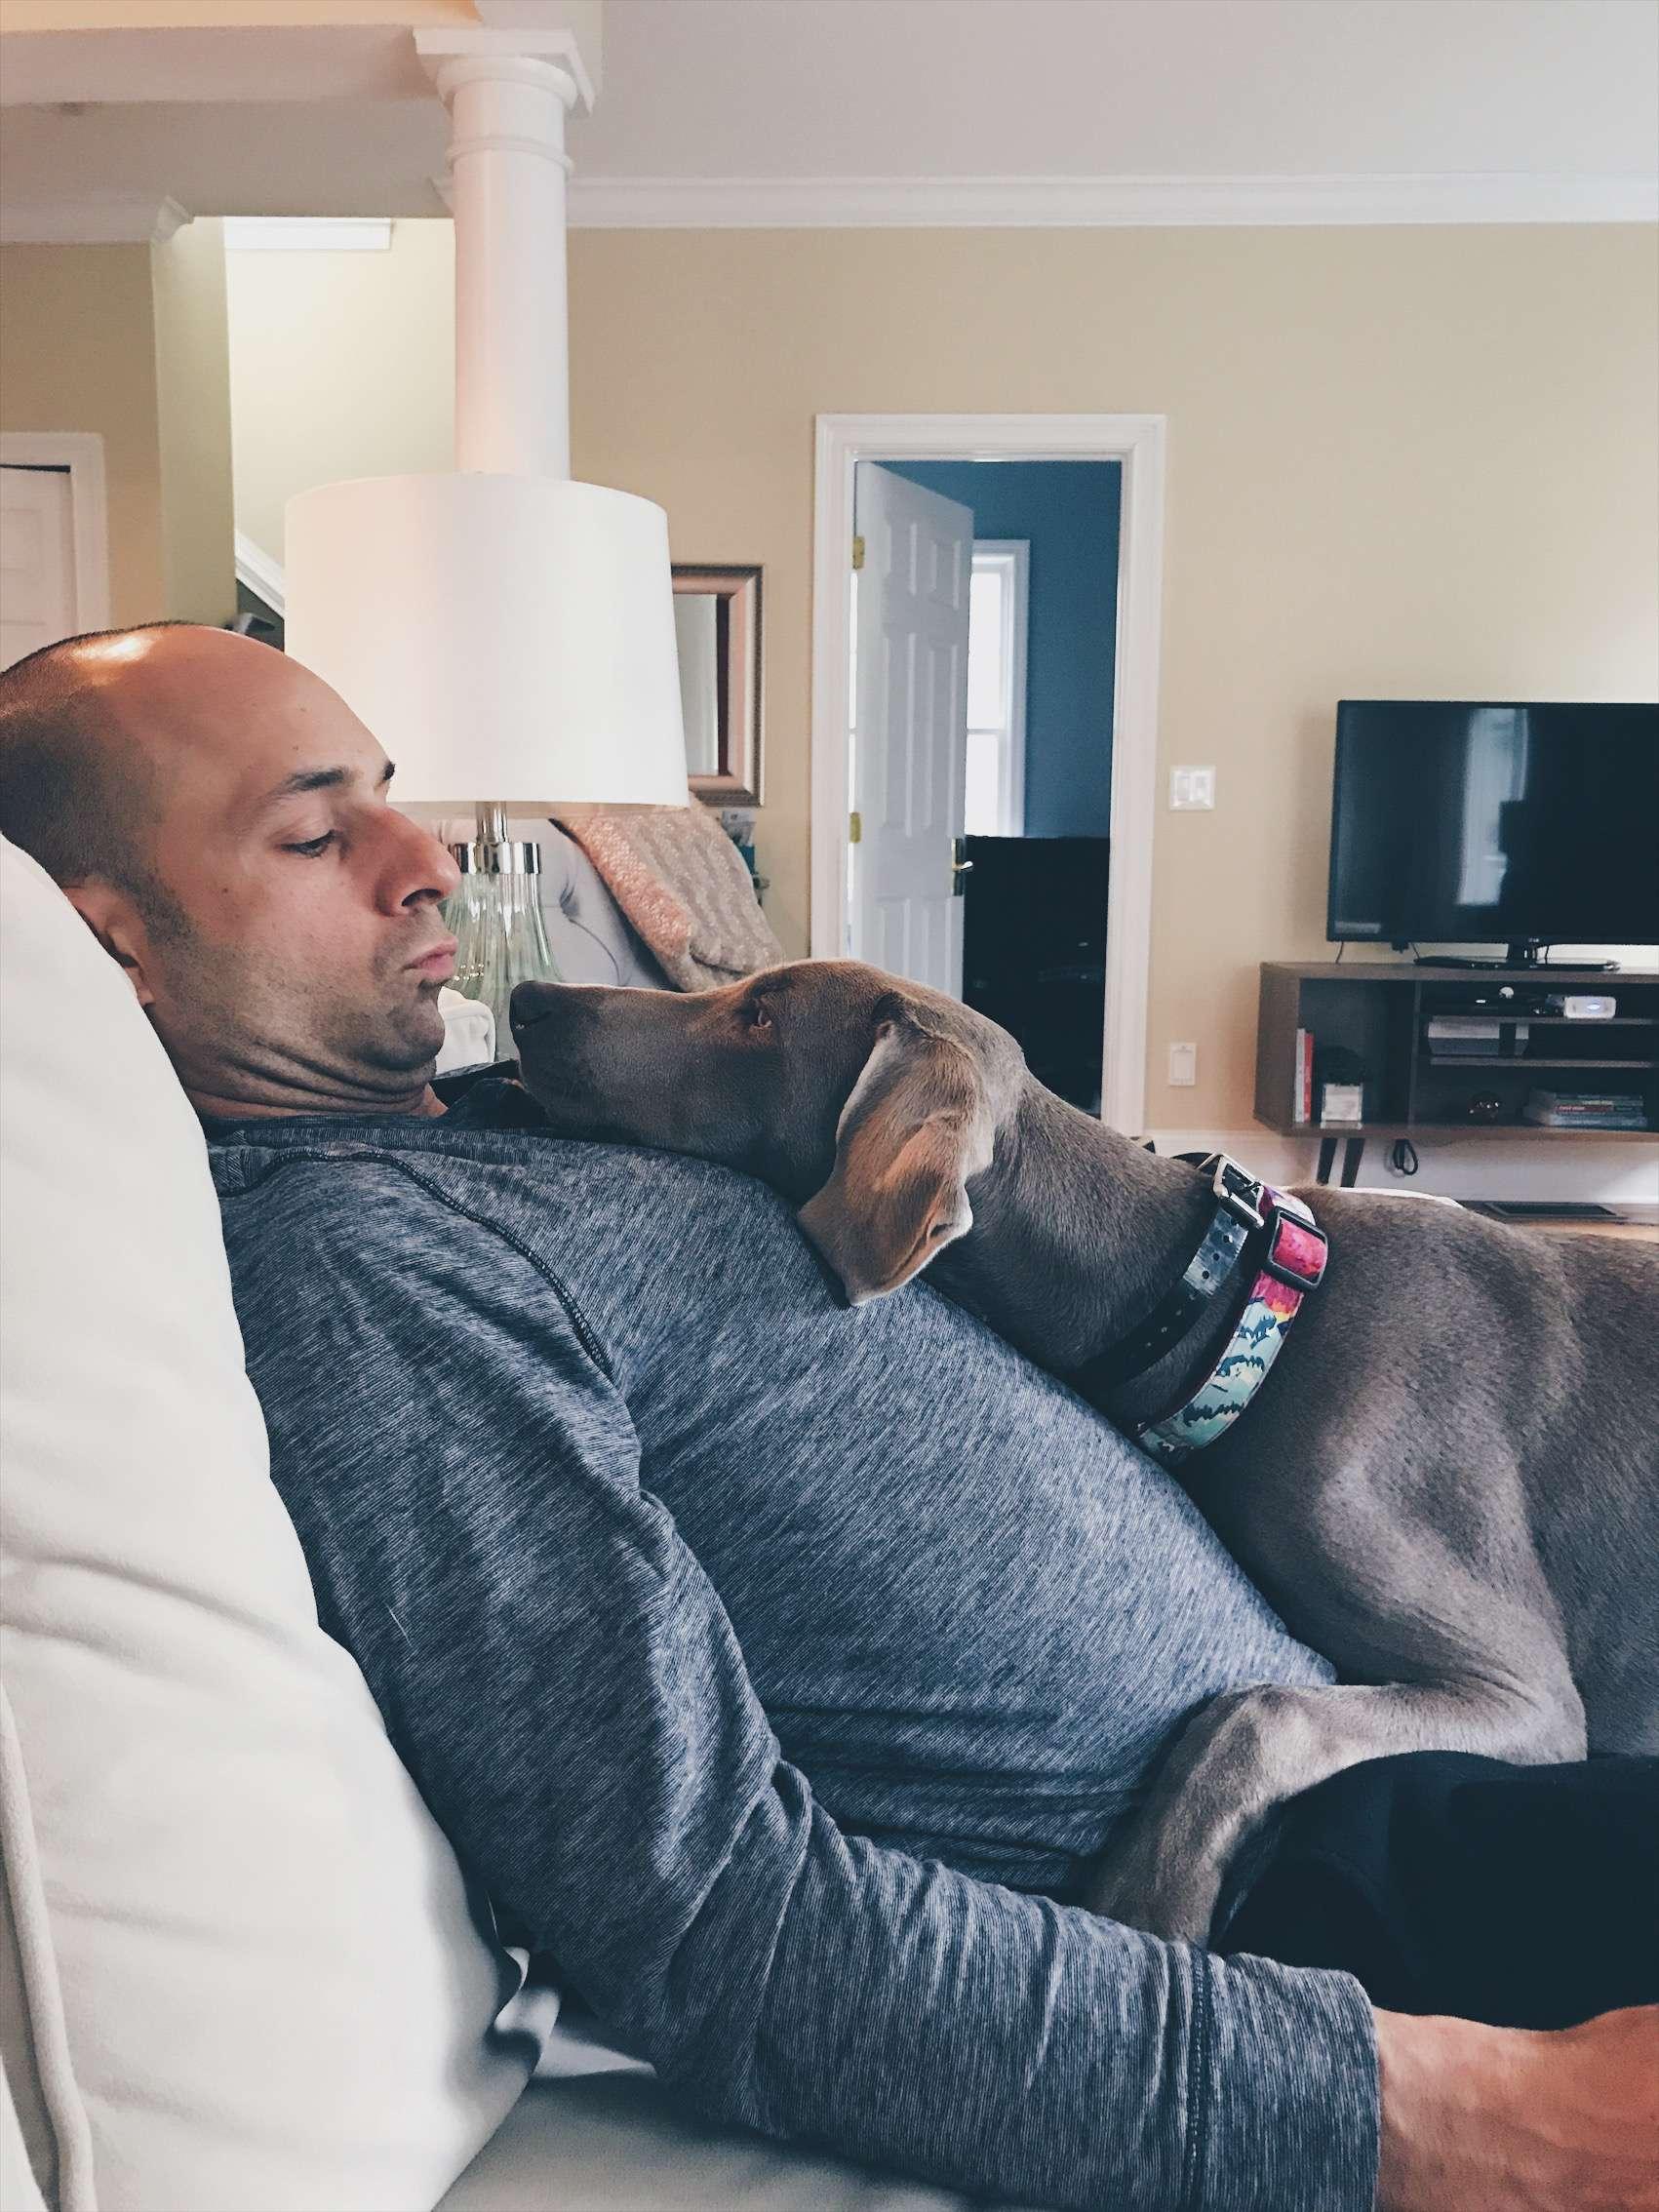 Weimaraner puppy - lap dog